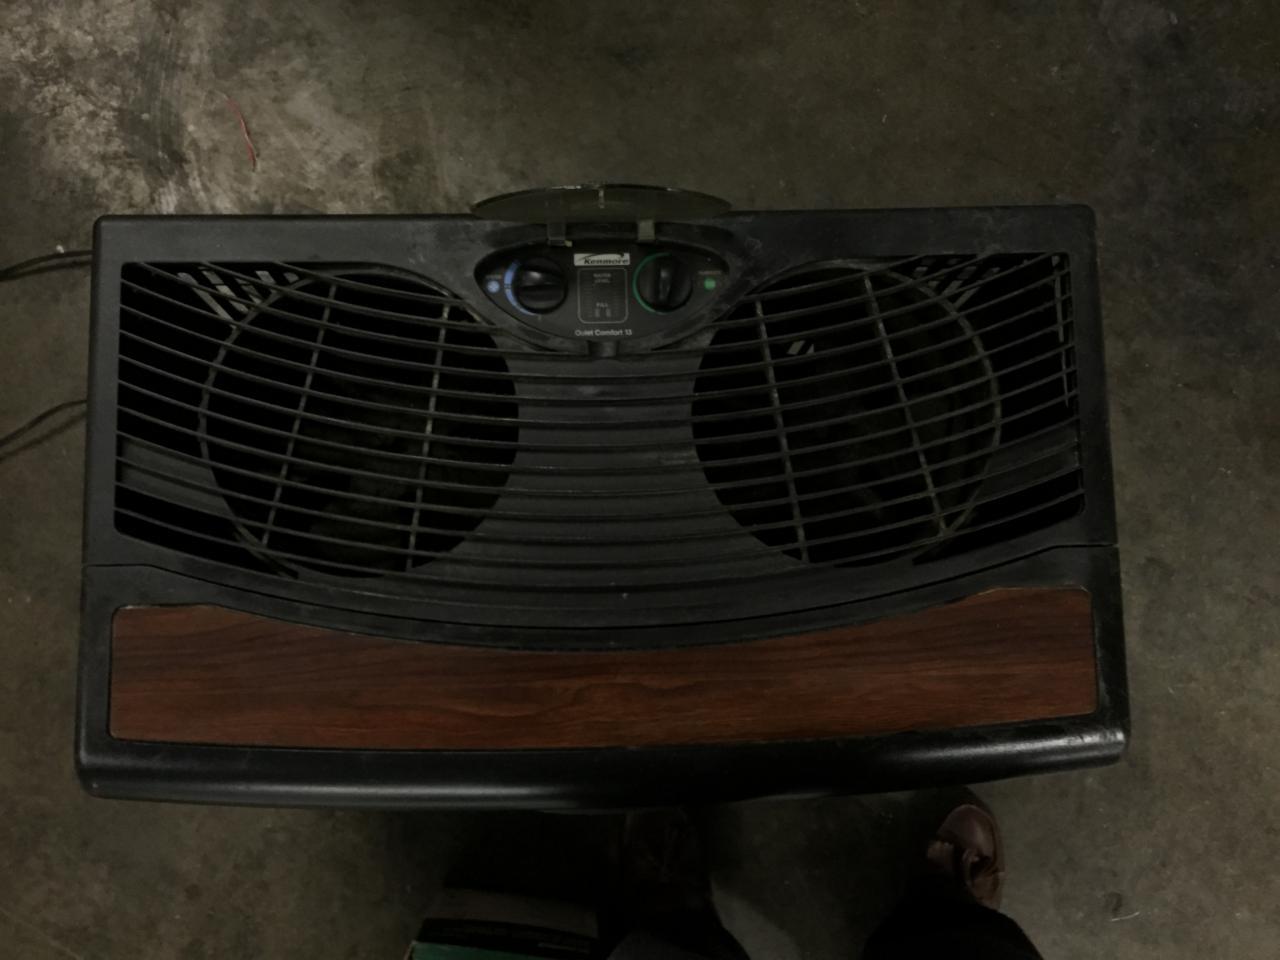 kenmore quiet comfort 13. kenmore quiet comfort 13 humidifier with filters - buffalo, ny i